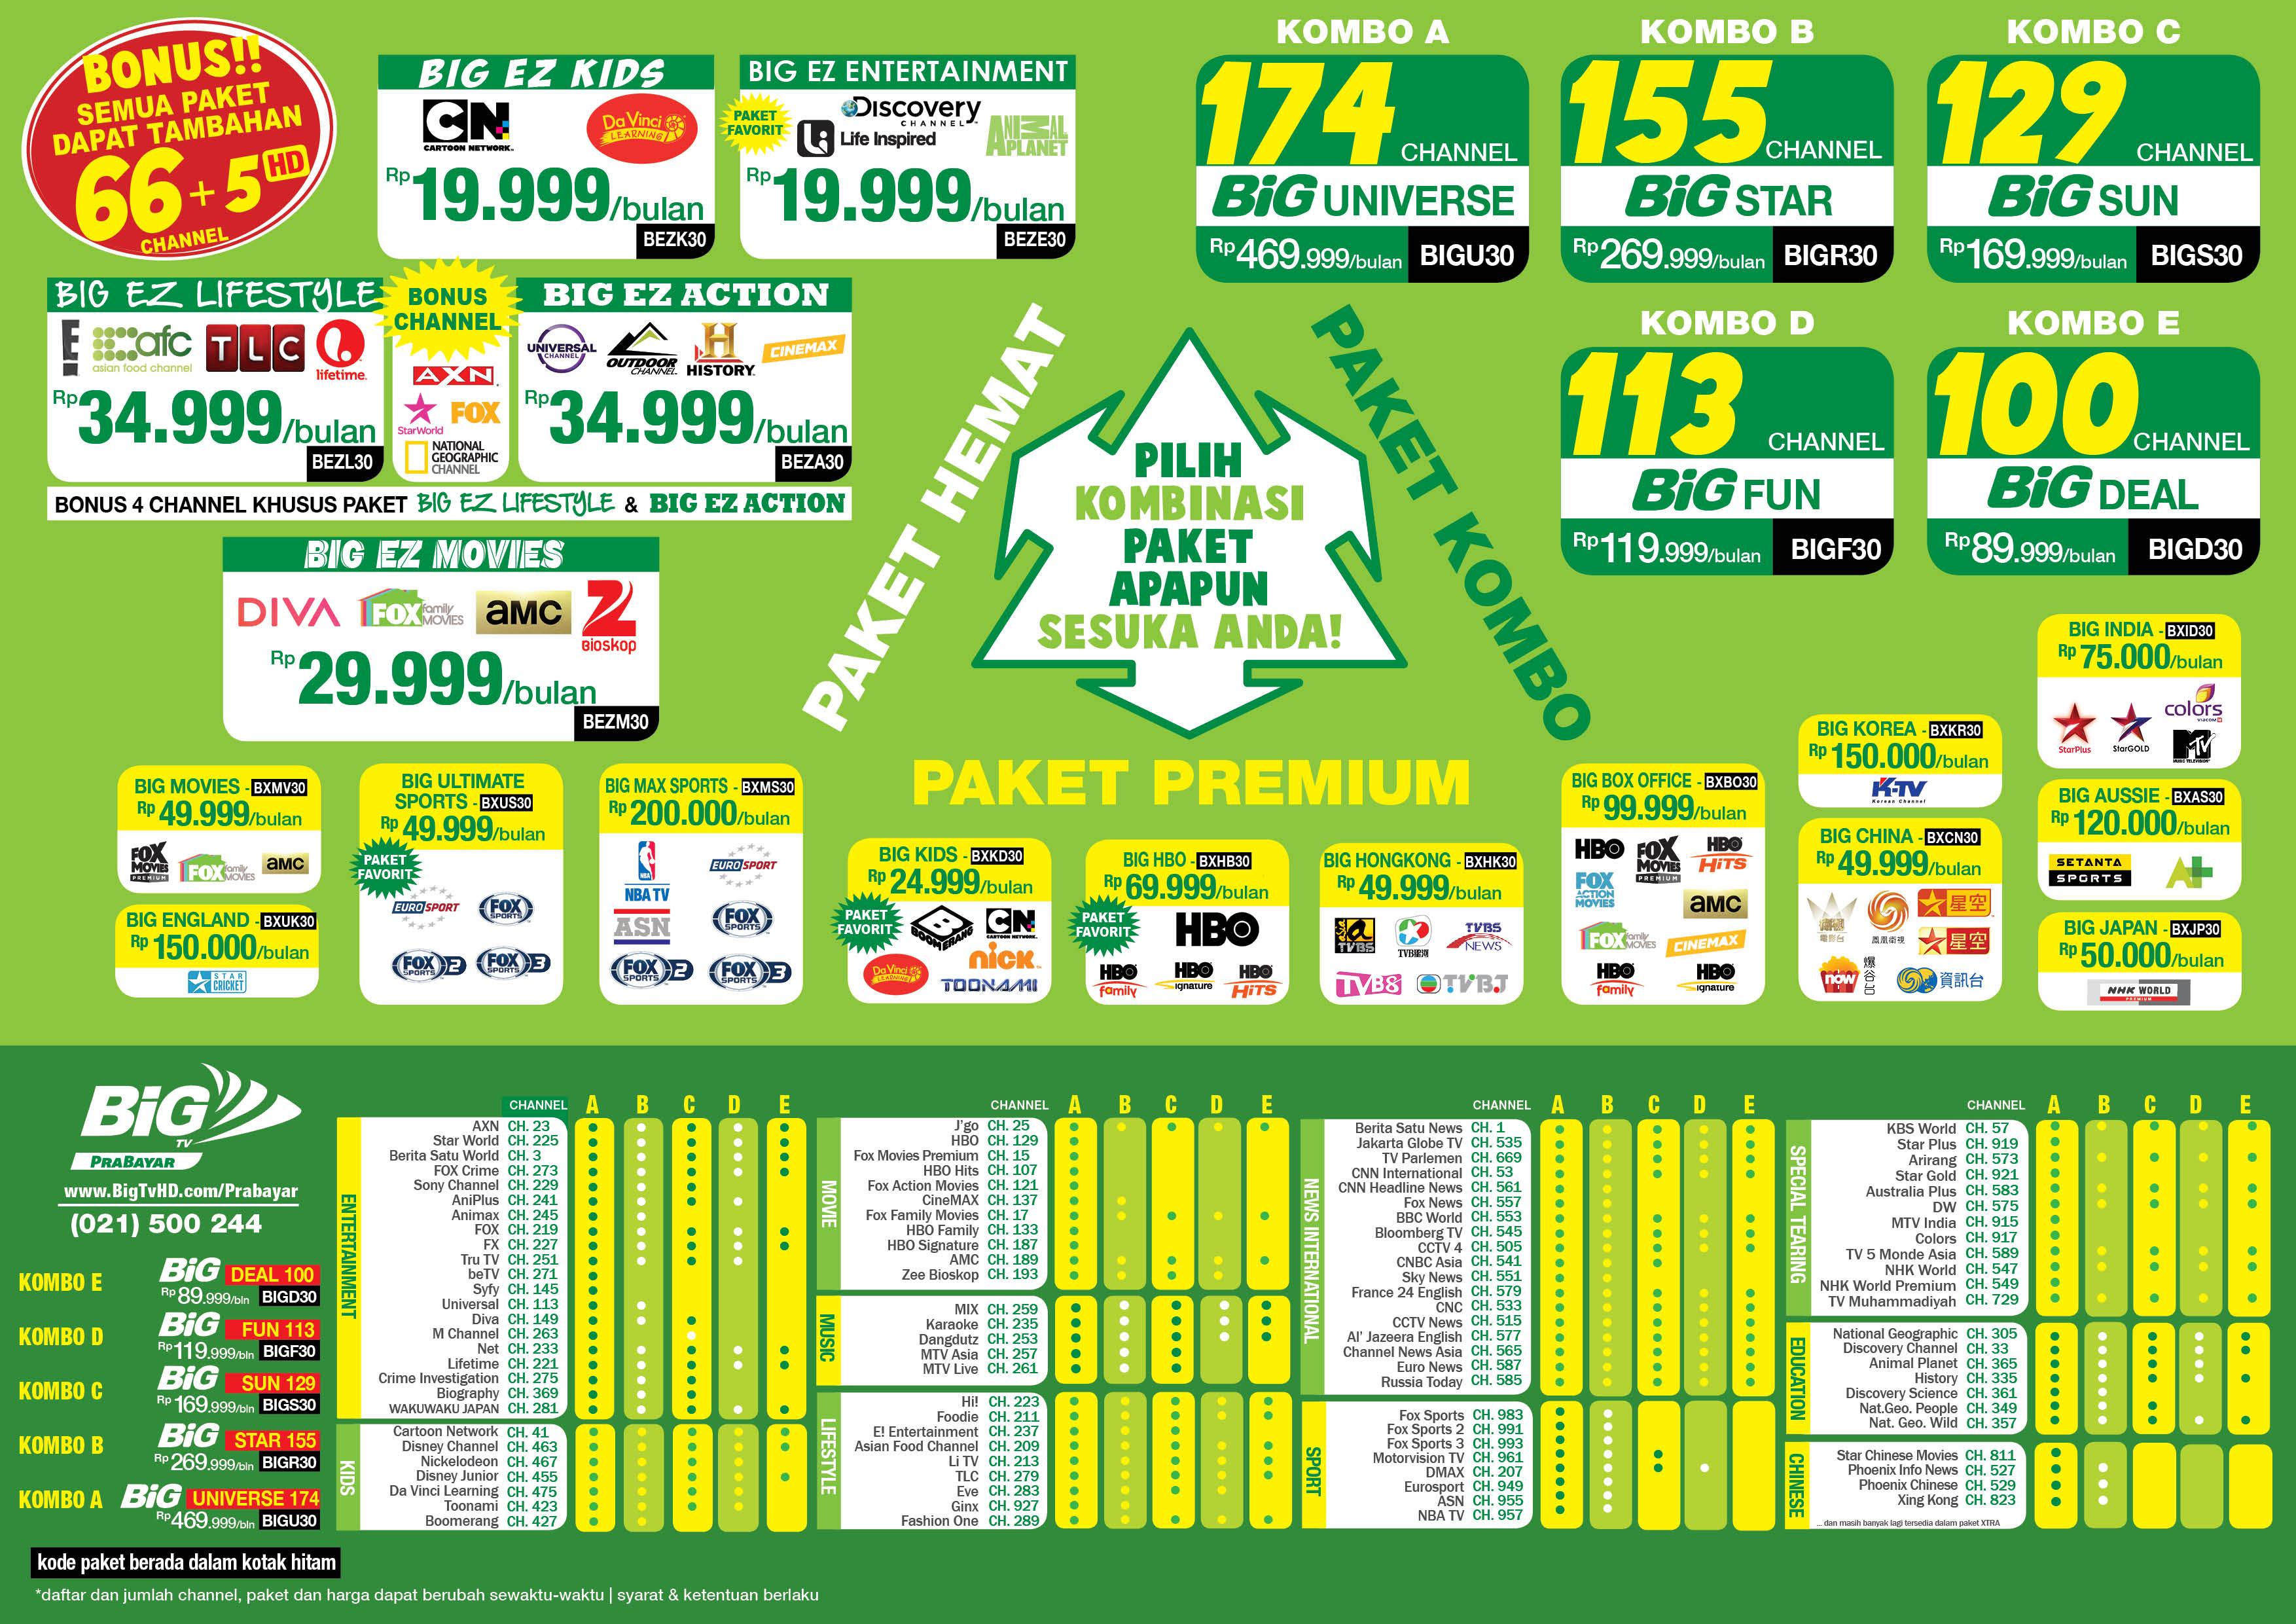 Big Tv Prabayar Hd Hak Milik Samsung Spartan Parabola Solo Paket Basic Setahun Topas Photo 54b62880bcf85